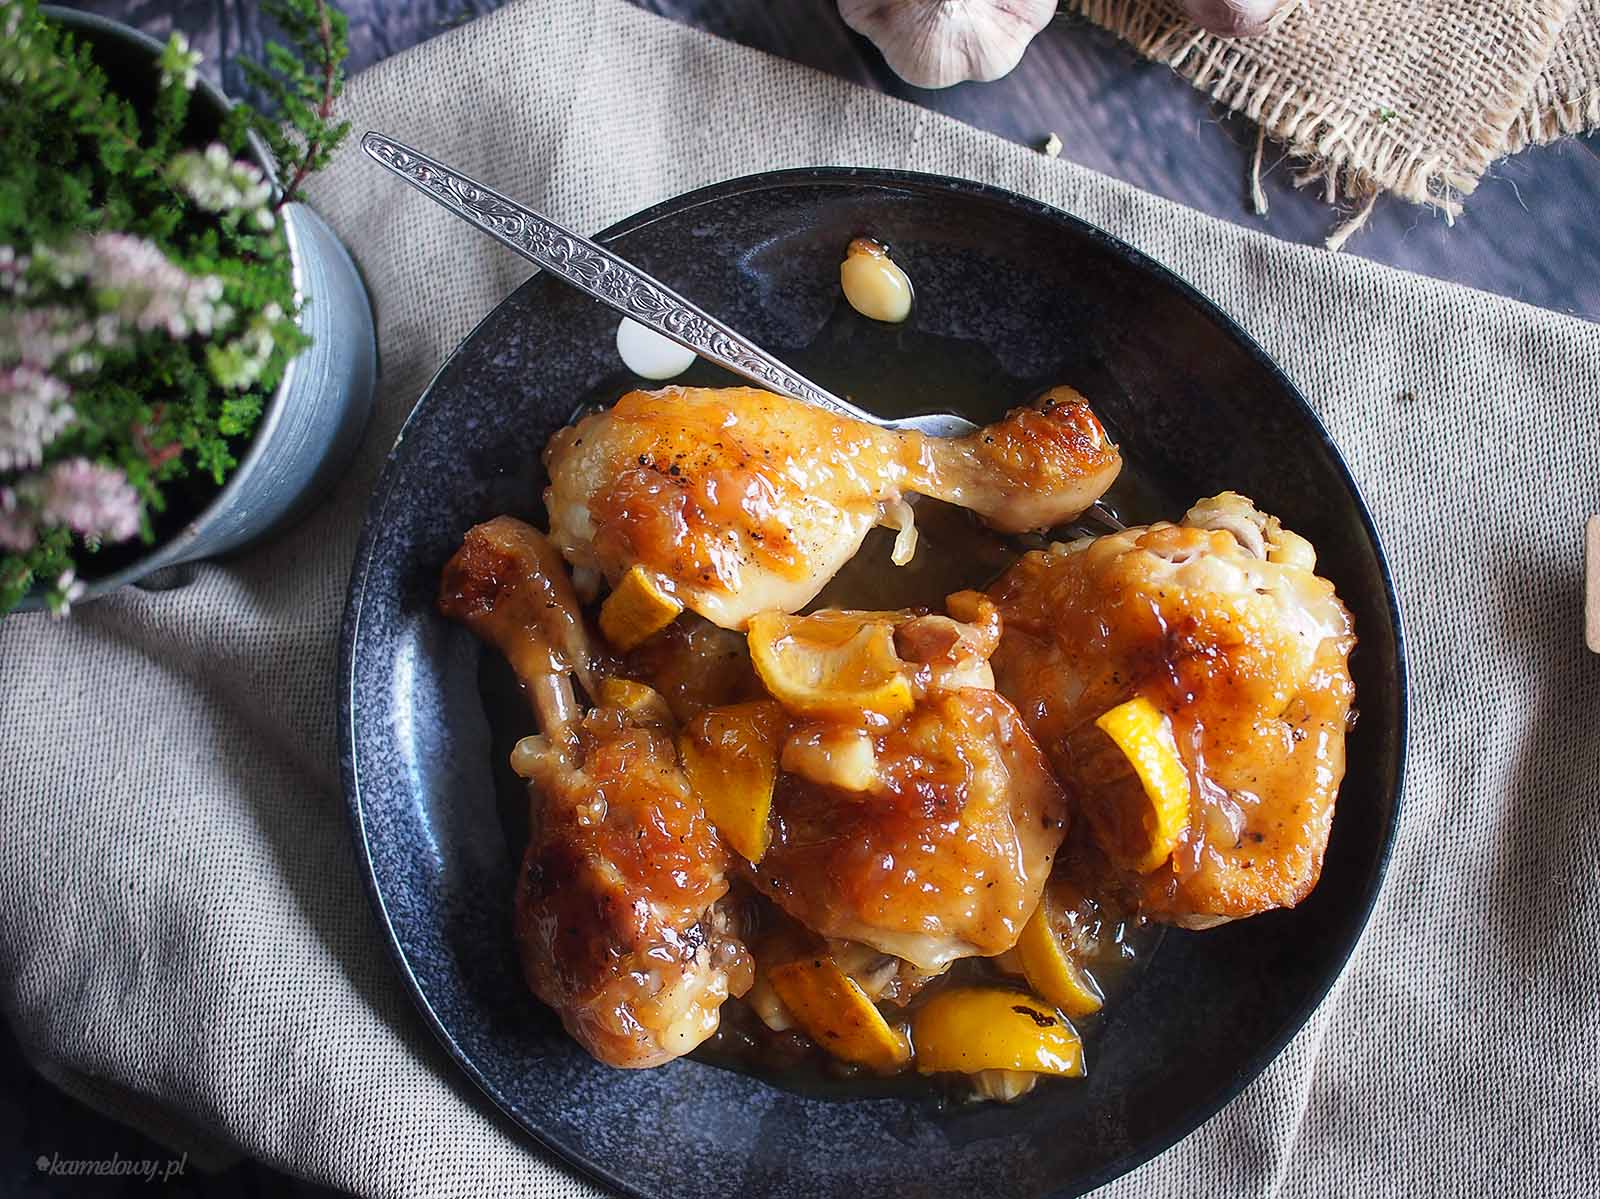 Kurczak-duszony-z-miodem i-cytryna-Braised-chicken-with-honey-and-lemon